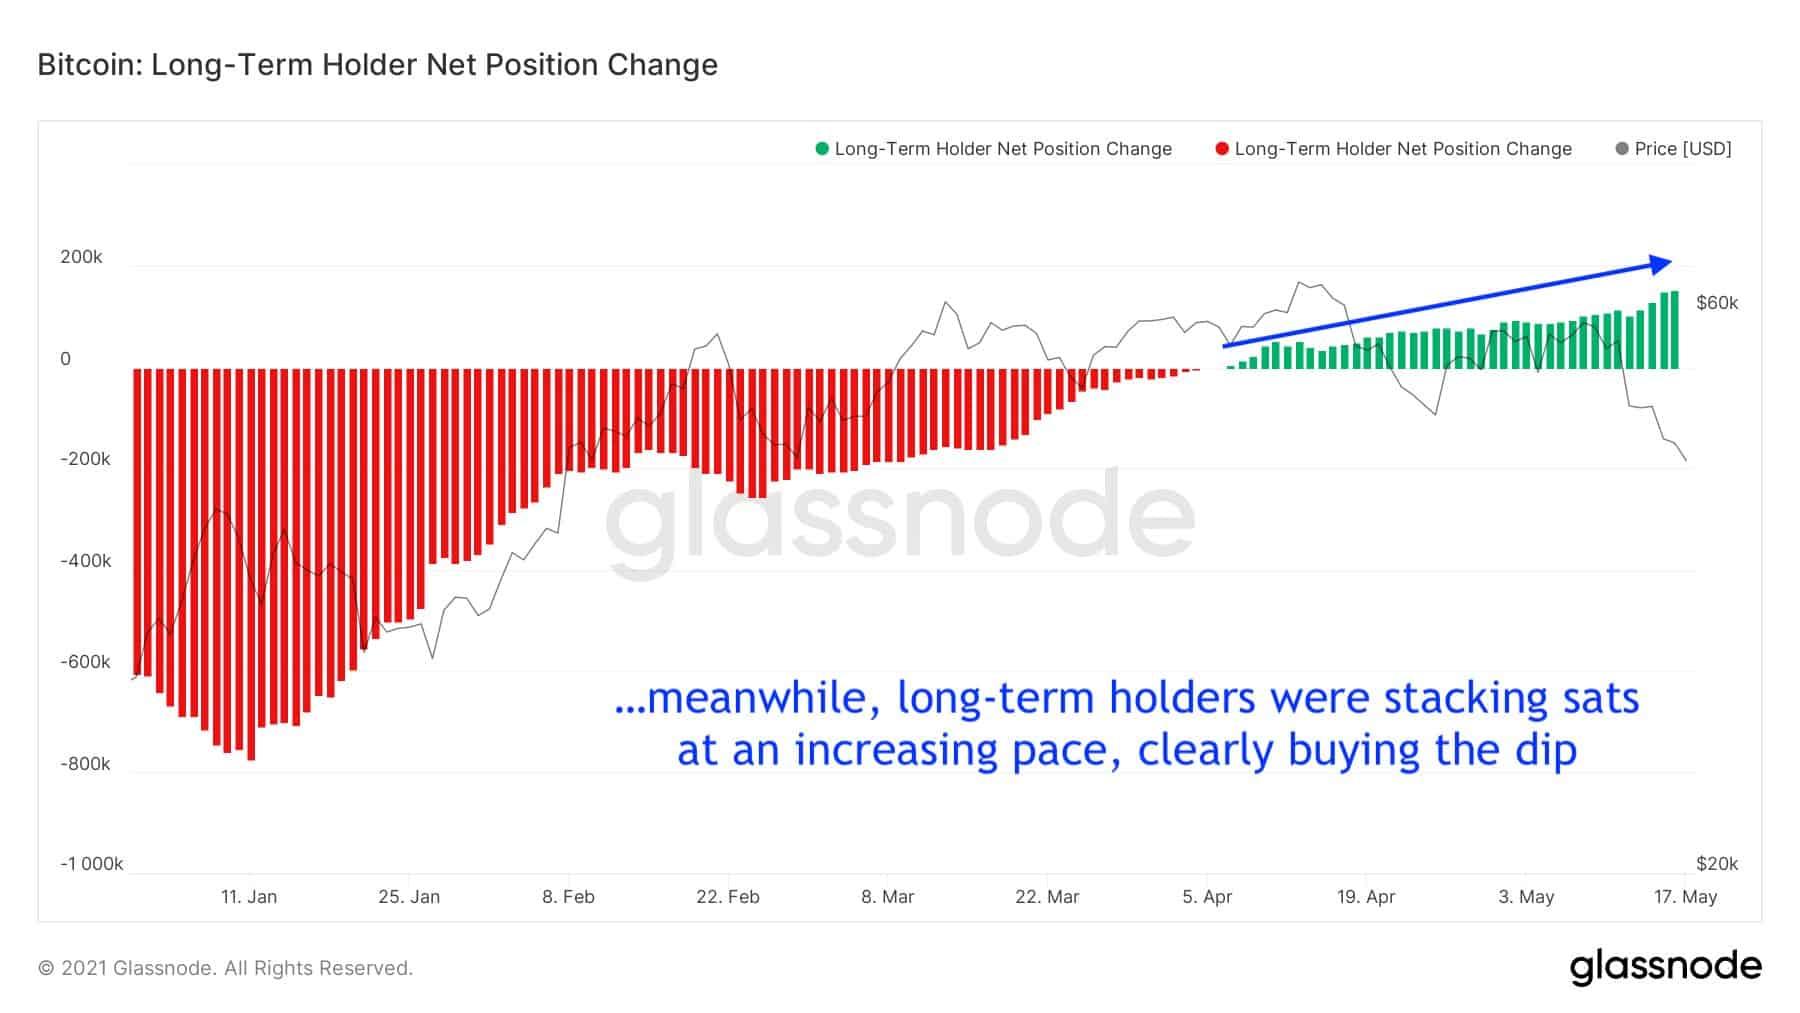 Bitcoin: Long-Term Holder Net Position. Source: Glassnode